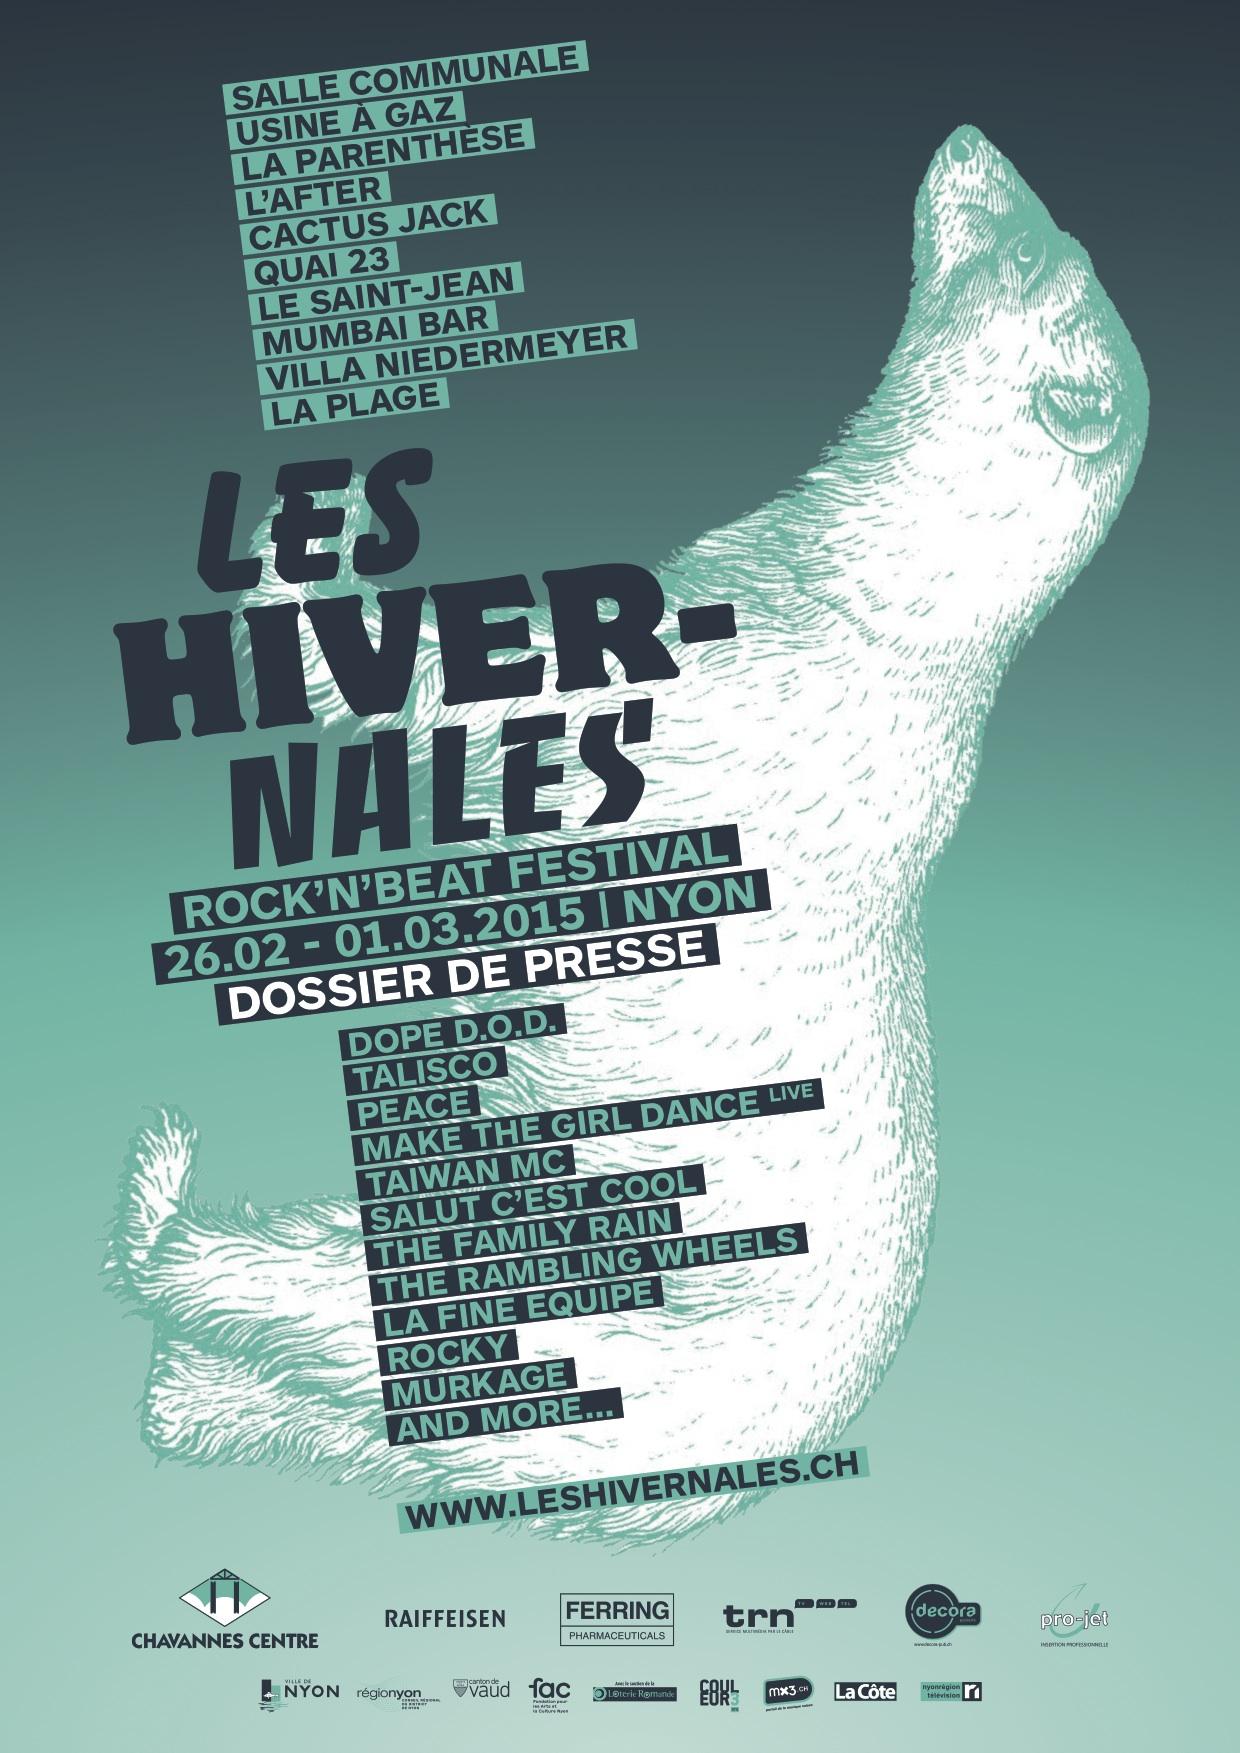 Winter Rock' n' Beat festival this weekend